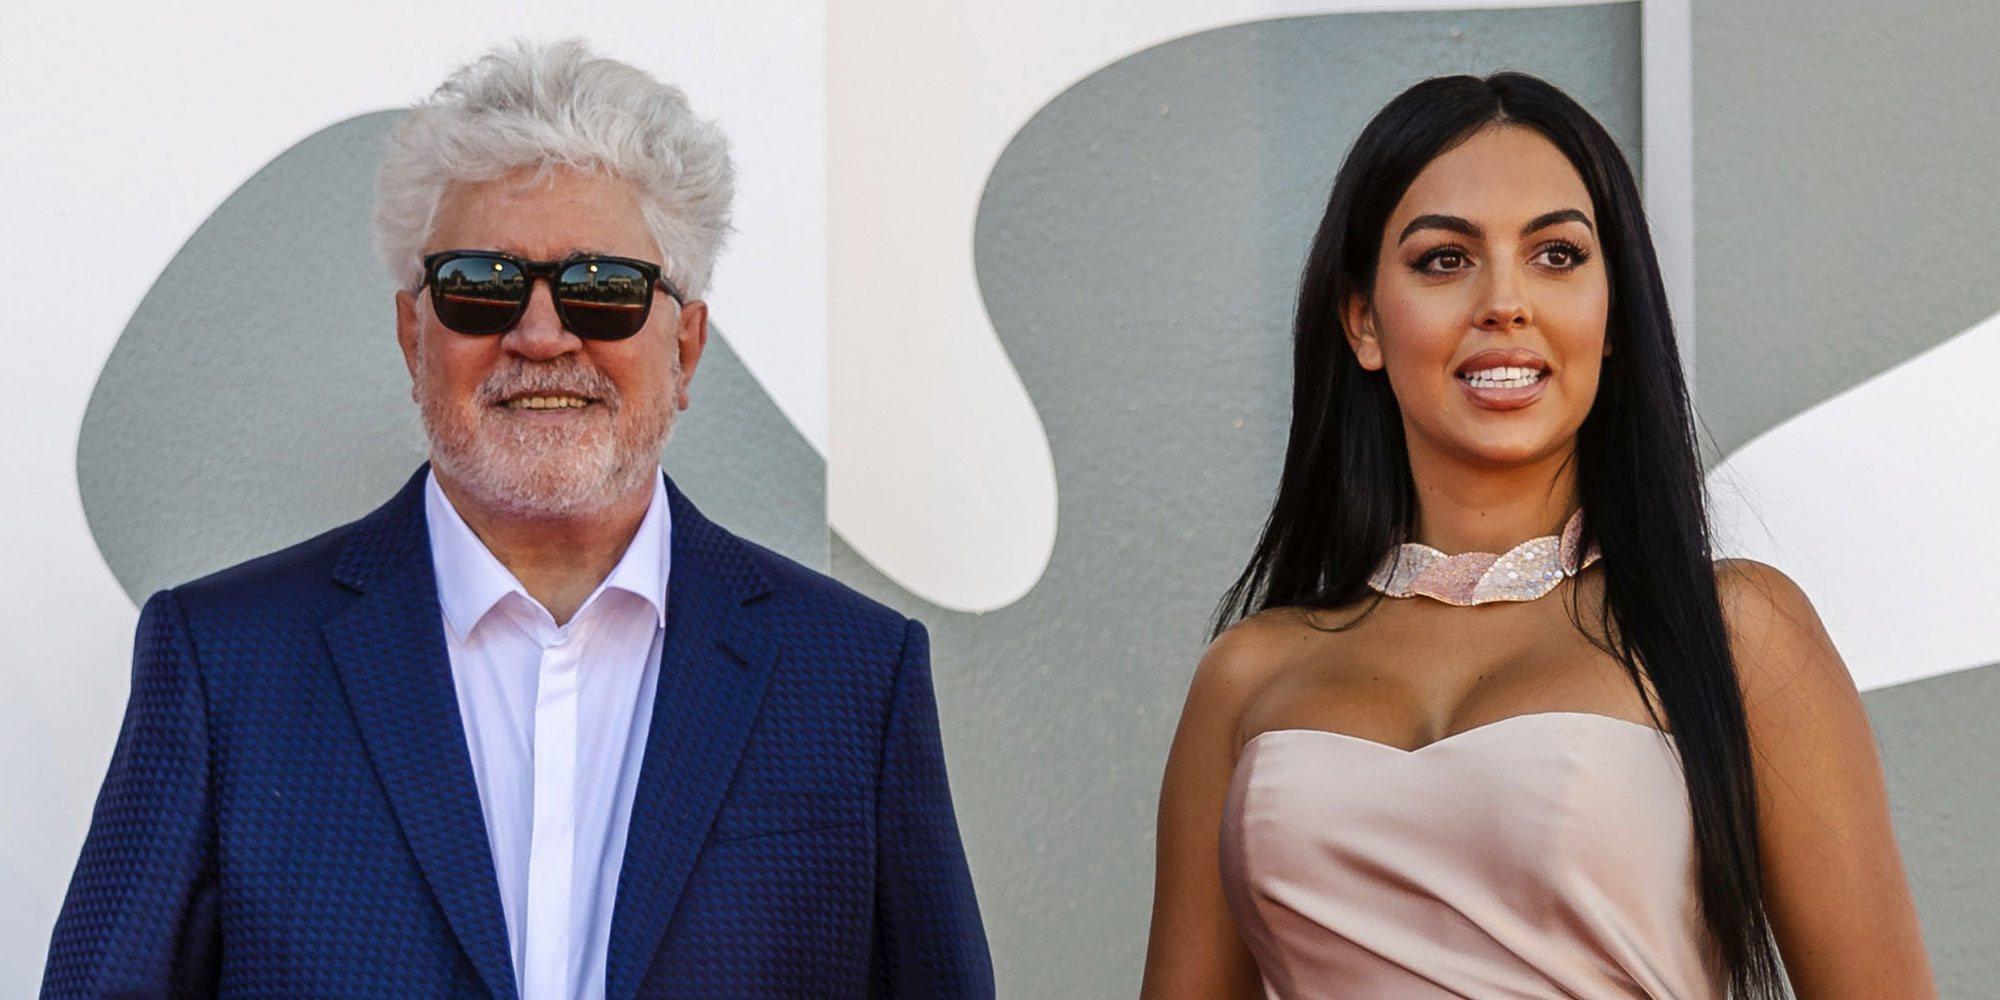 Georgina Rodríguez posa junto a Pedro Almodóvar en el Festival de Venecia 2020 como una estrella de Hollywood más